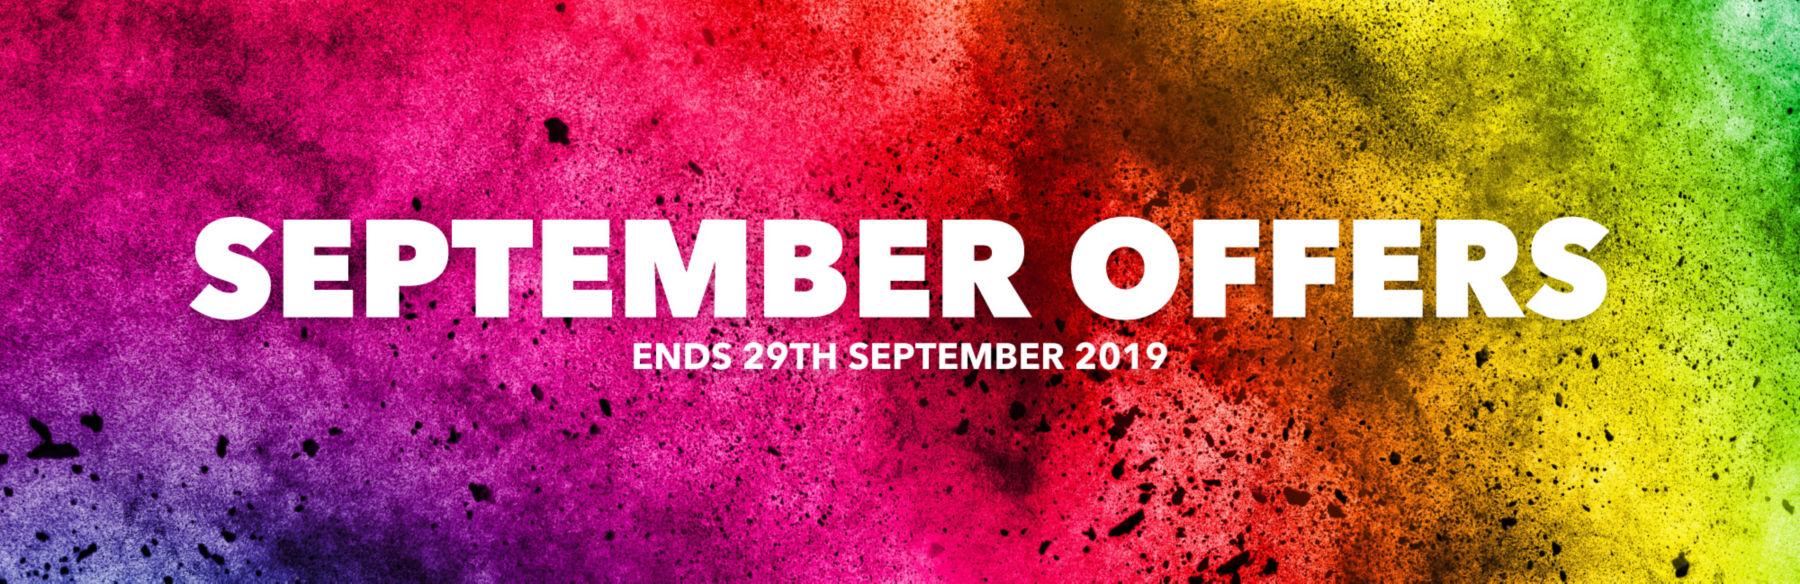 September Offers